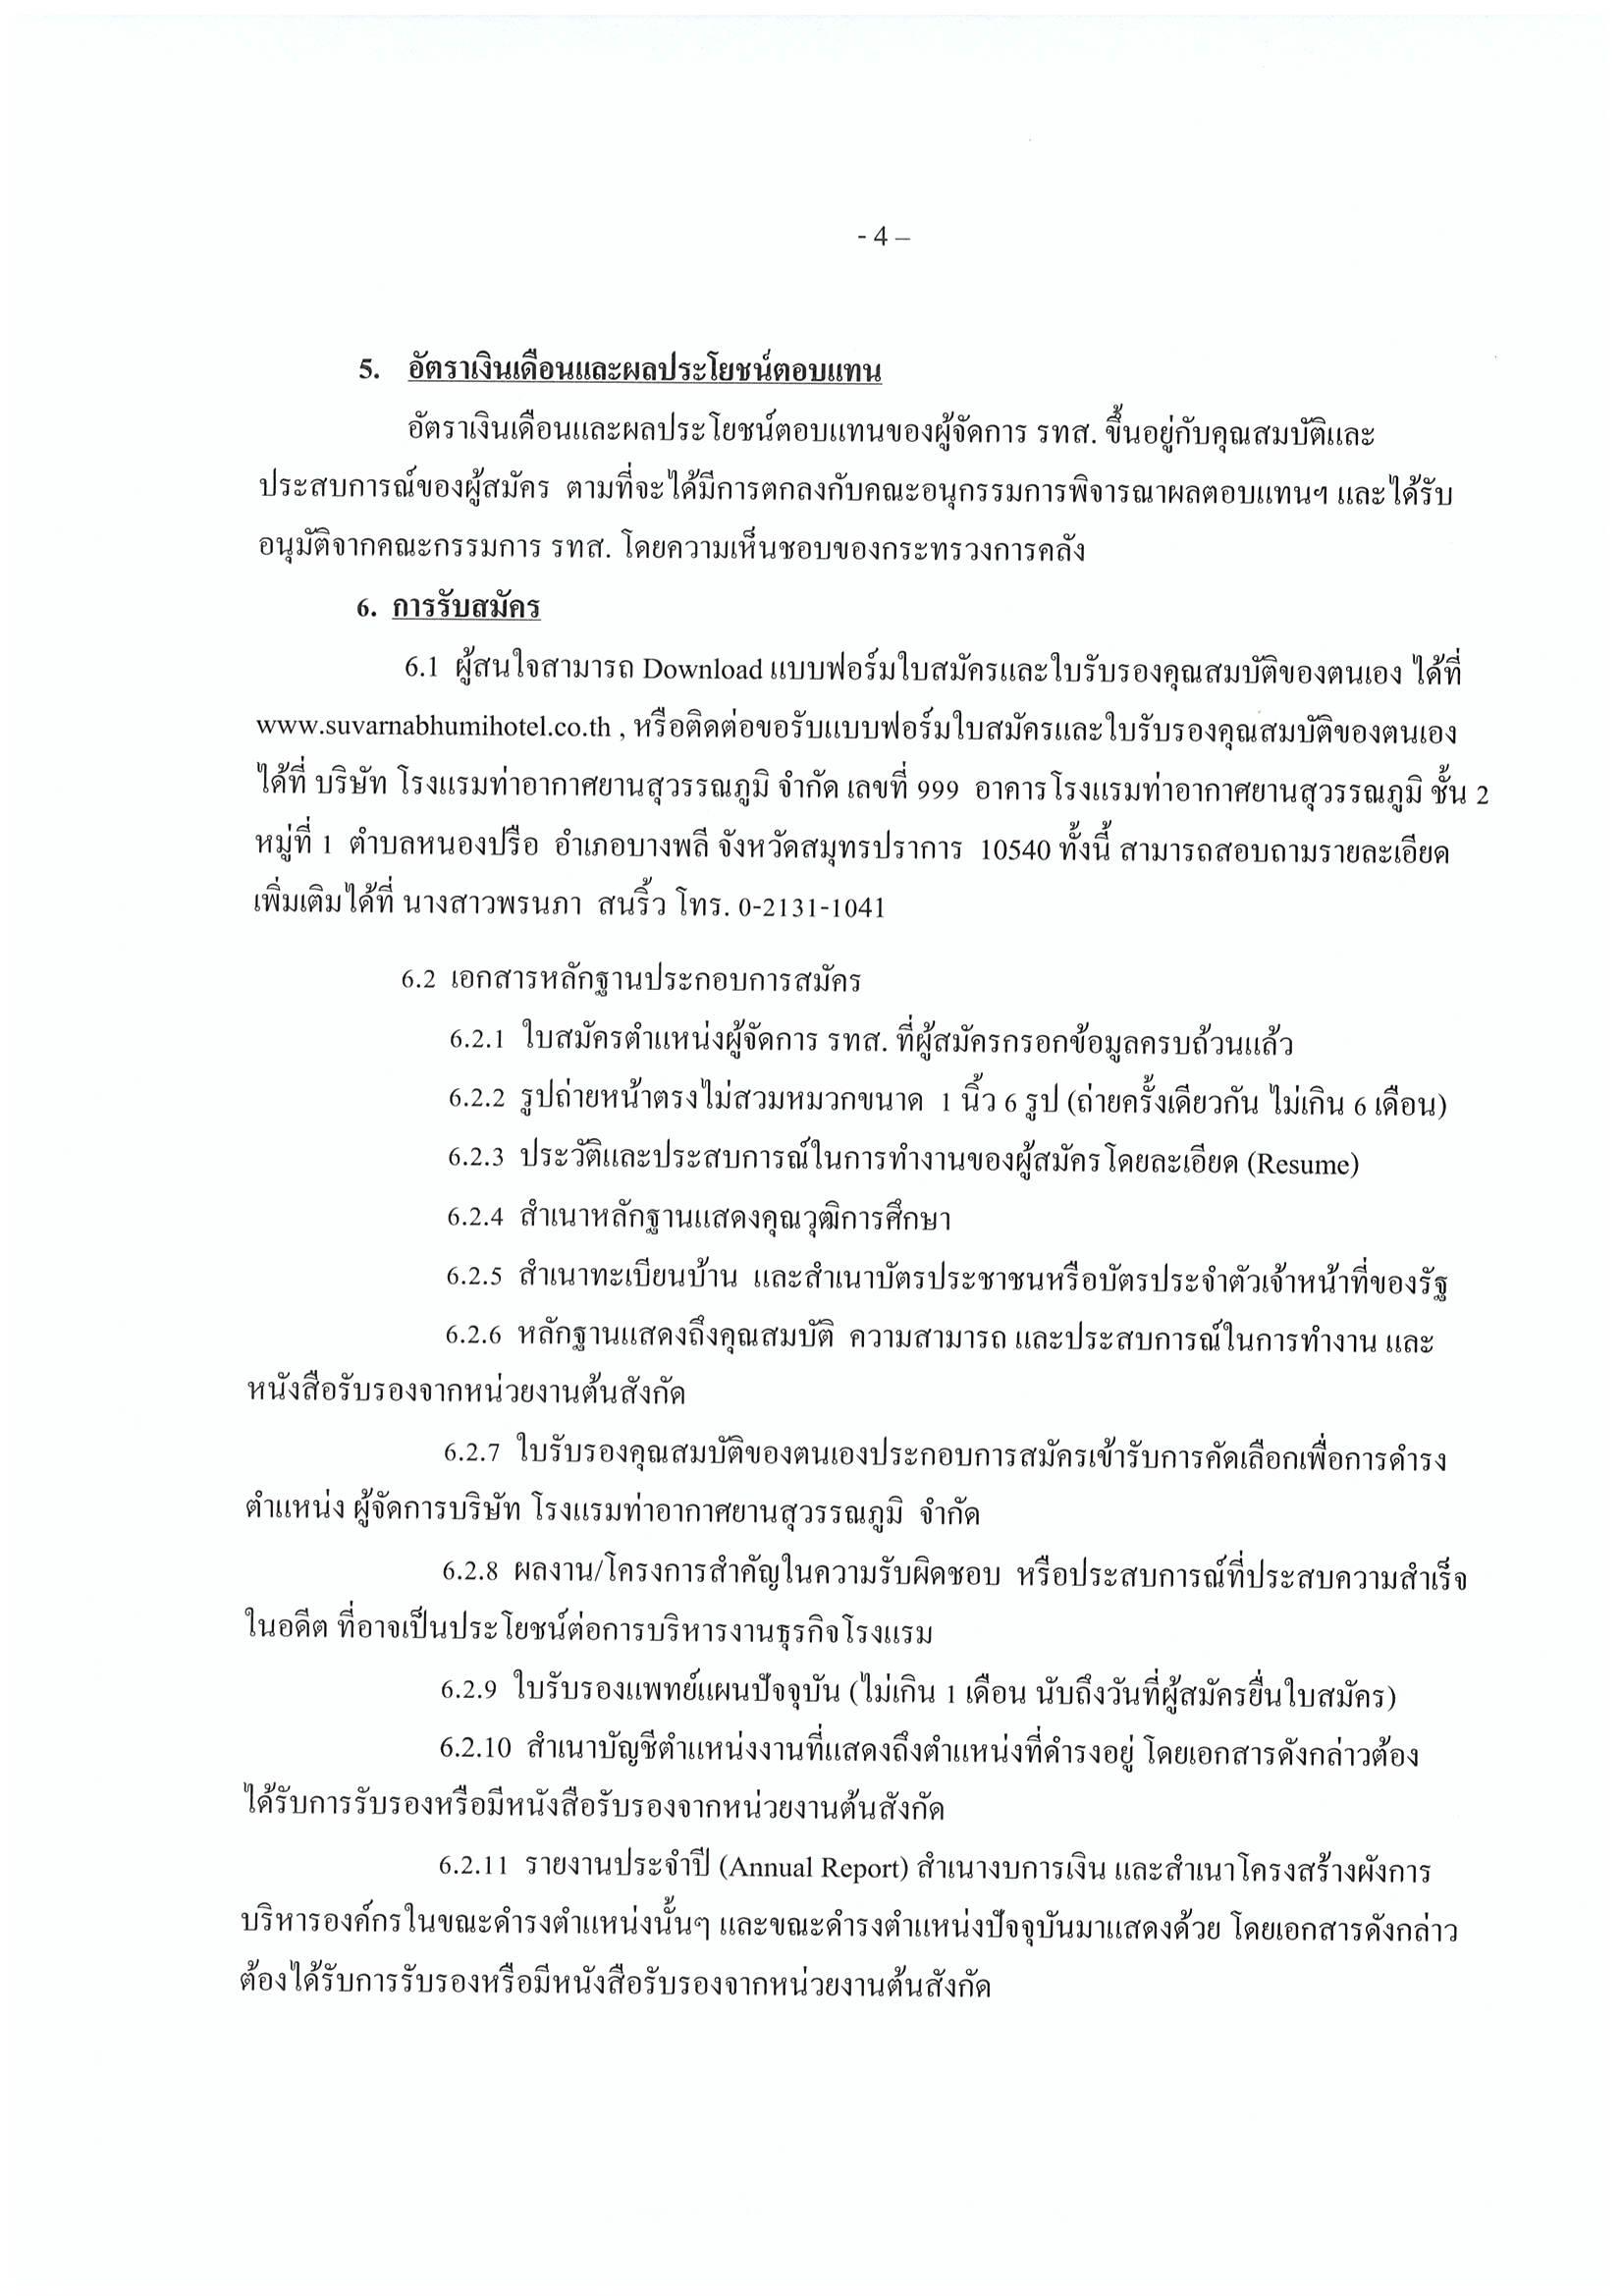 ประกาศรับสมัคร_Page_4